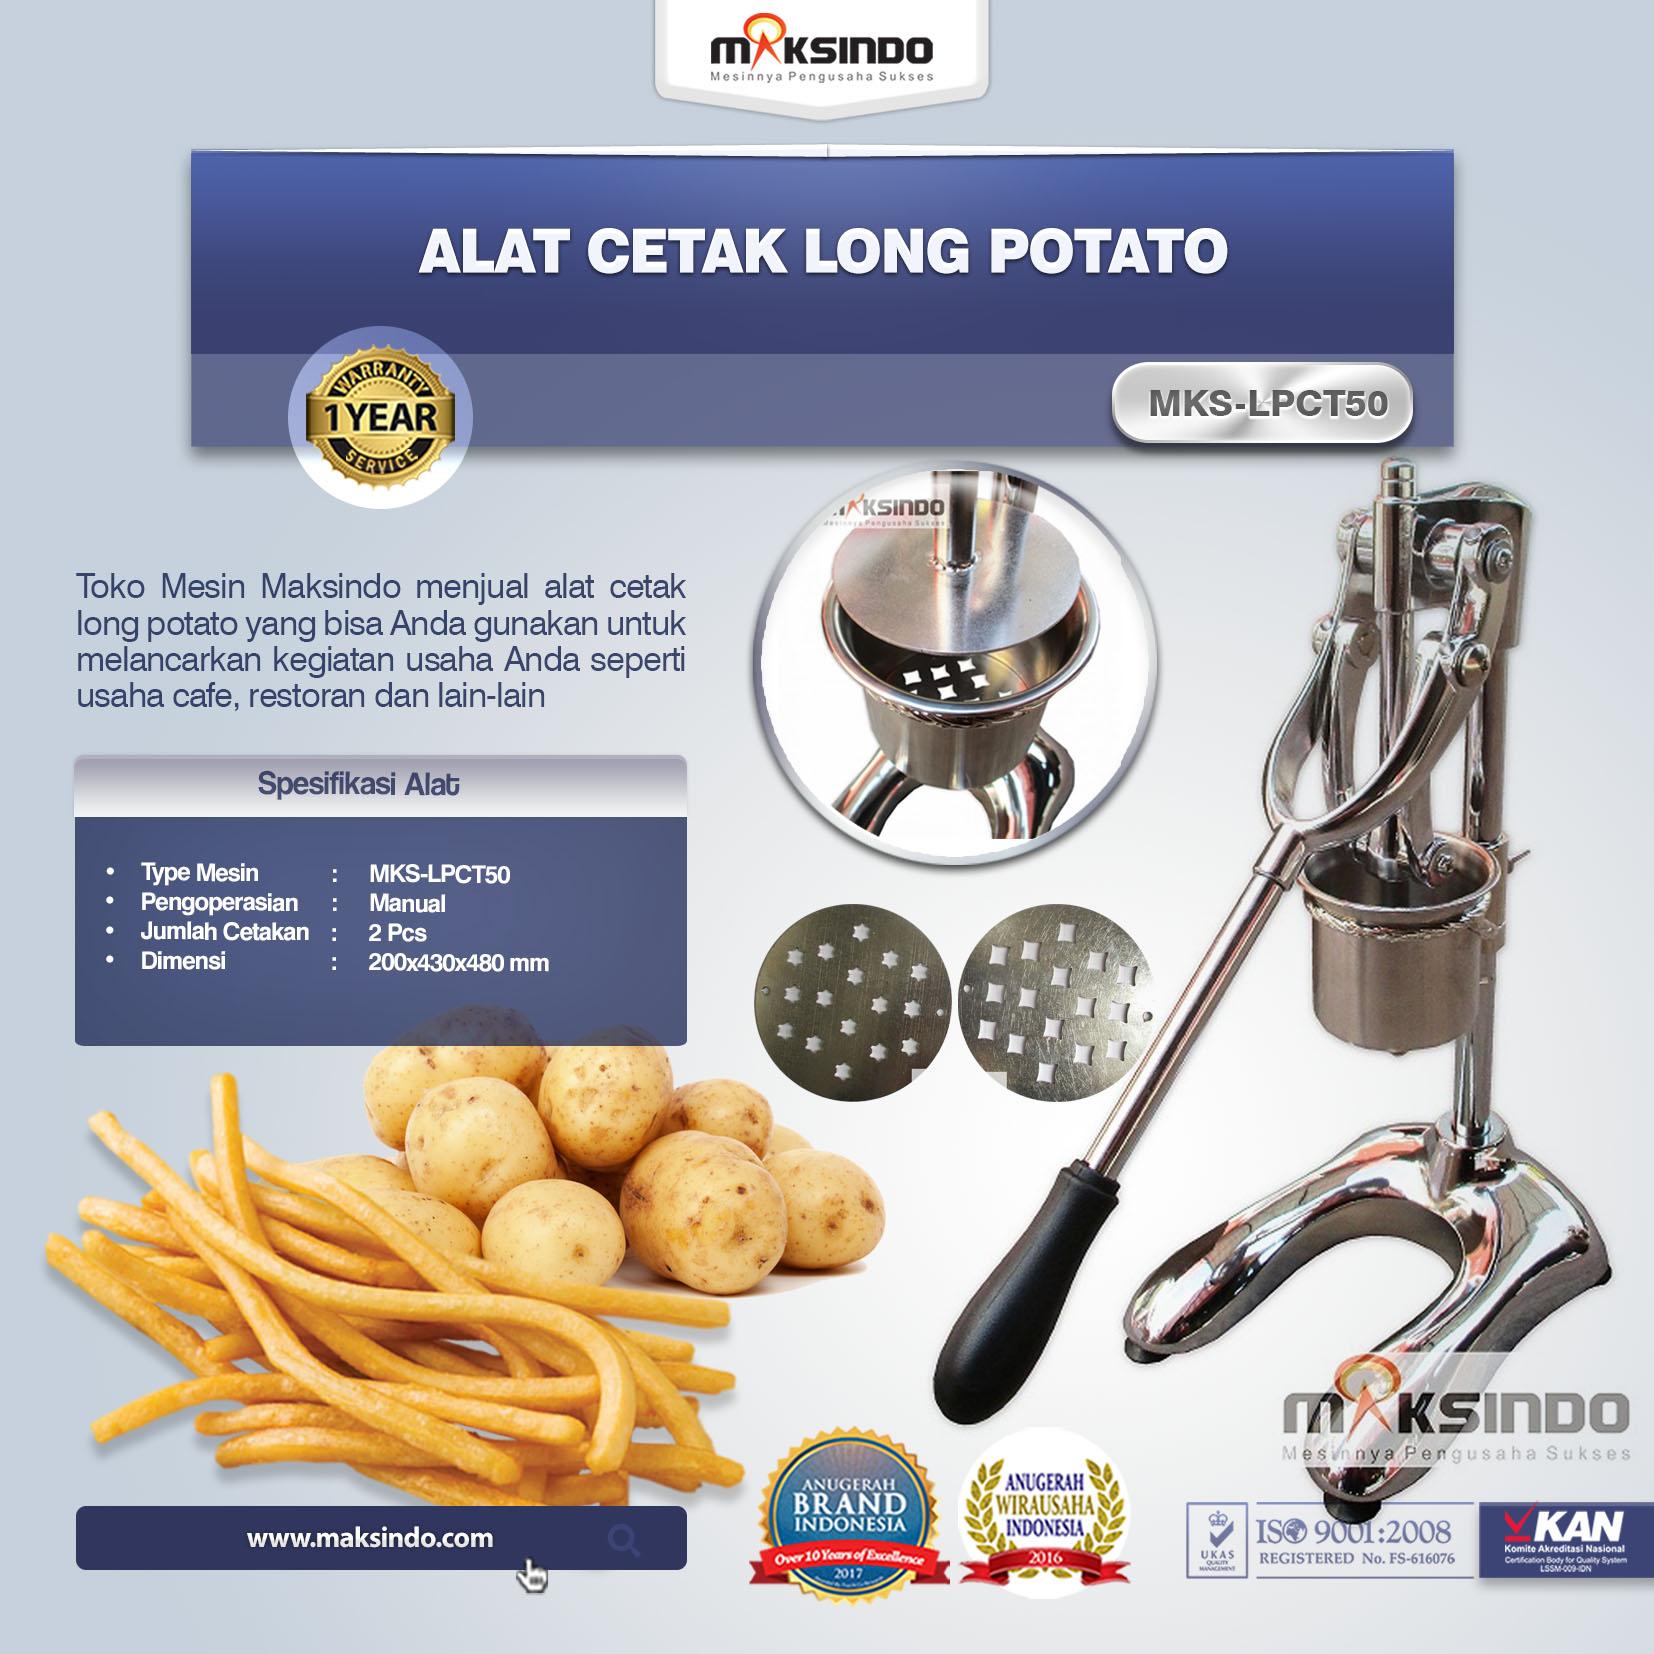 Jual Alat Cetak Long Potato MKS-LPCT50 di Medan